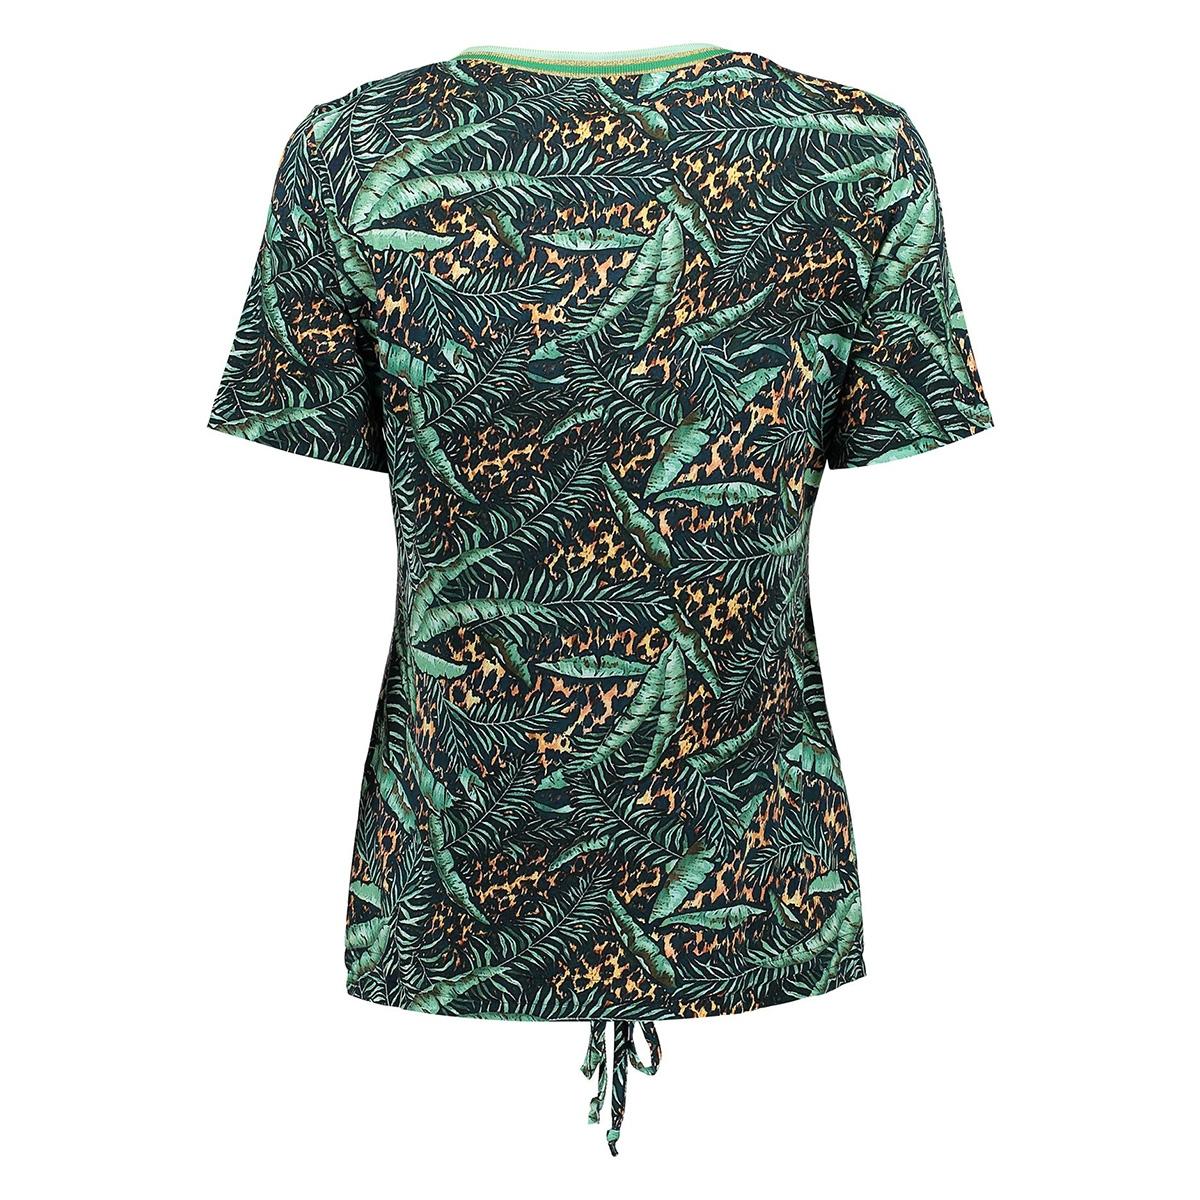 top aop with tape at neck ss 03210 20 geisha t-shirt 000510 mintcombi